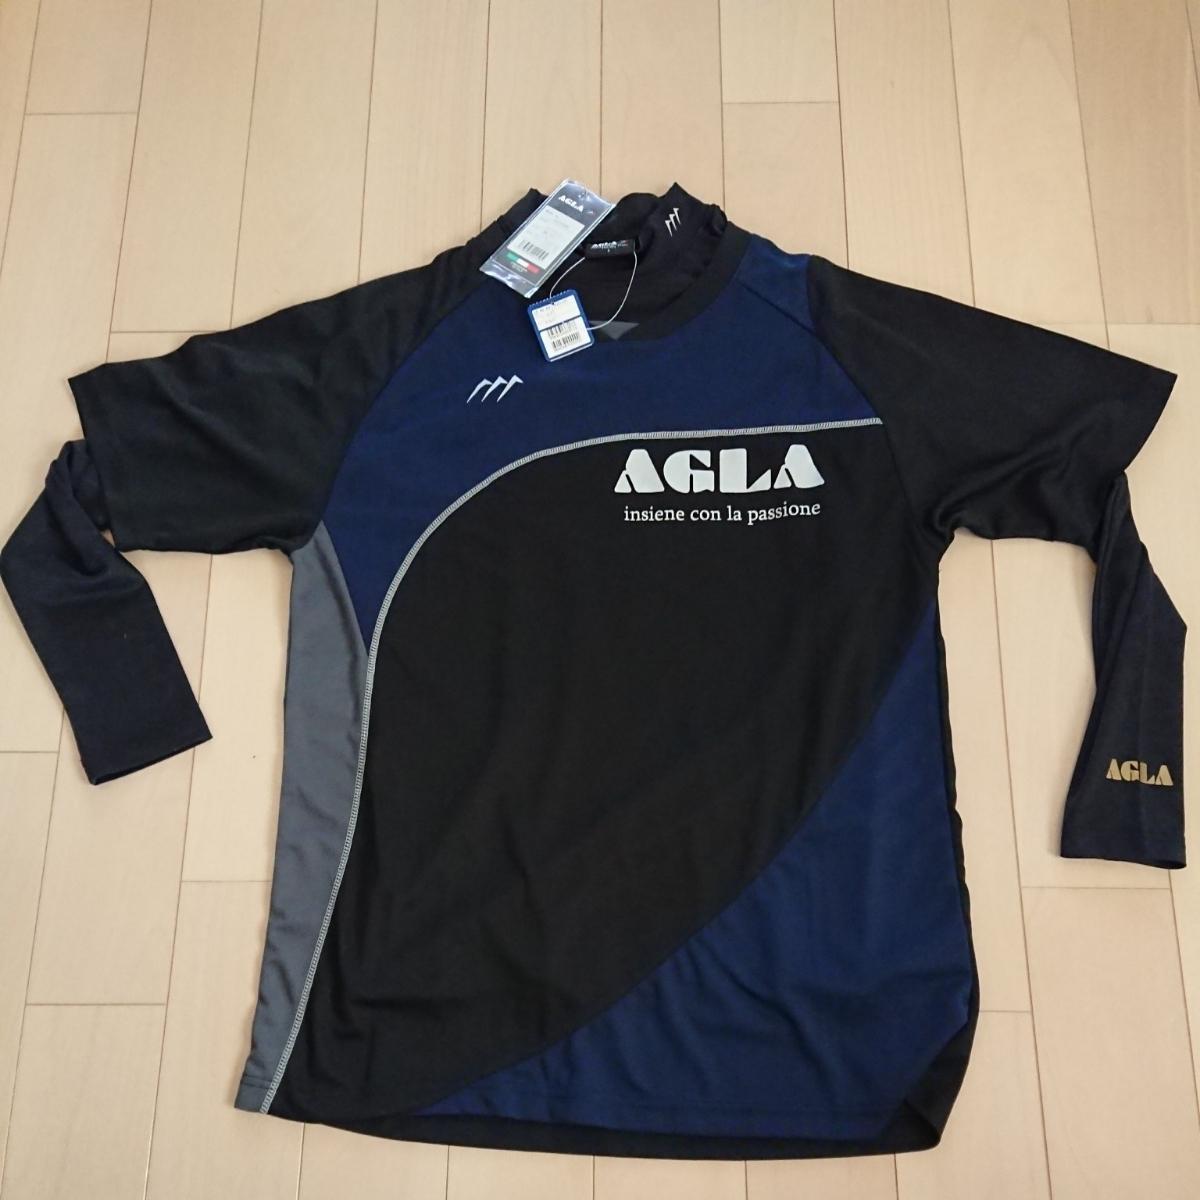 新品タグ付き AGLA 半袖プラクティスシャツ&長袖インナーシャツセット Lサイズ ブラック